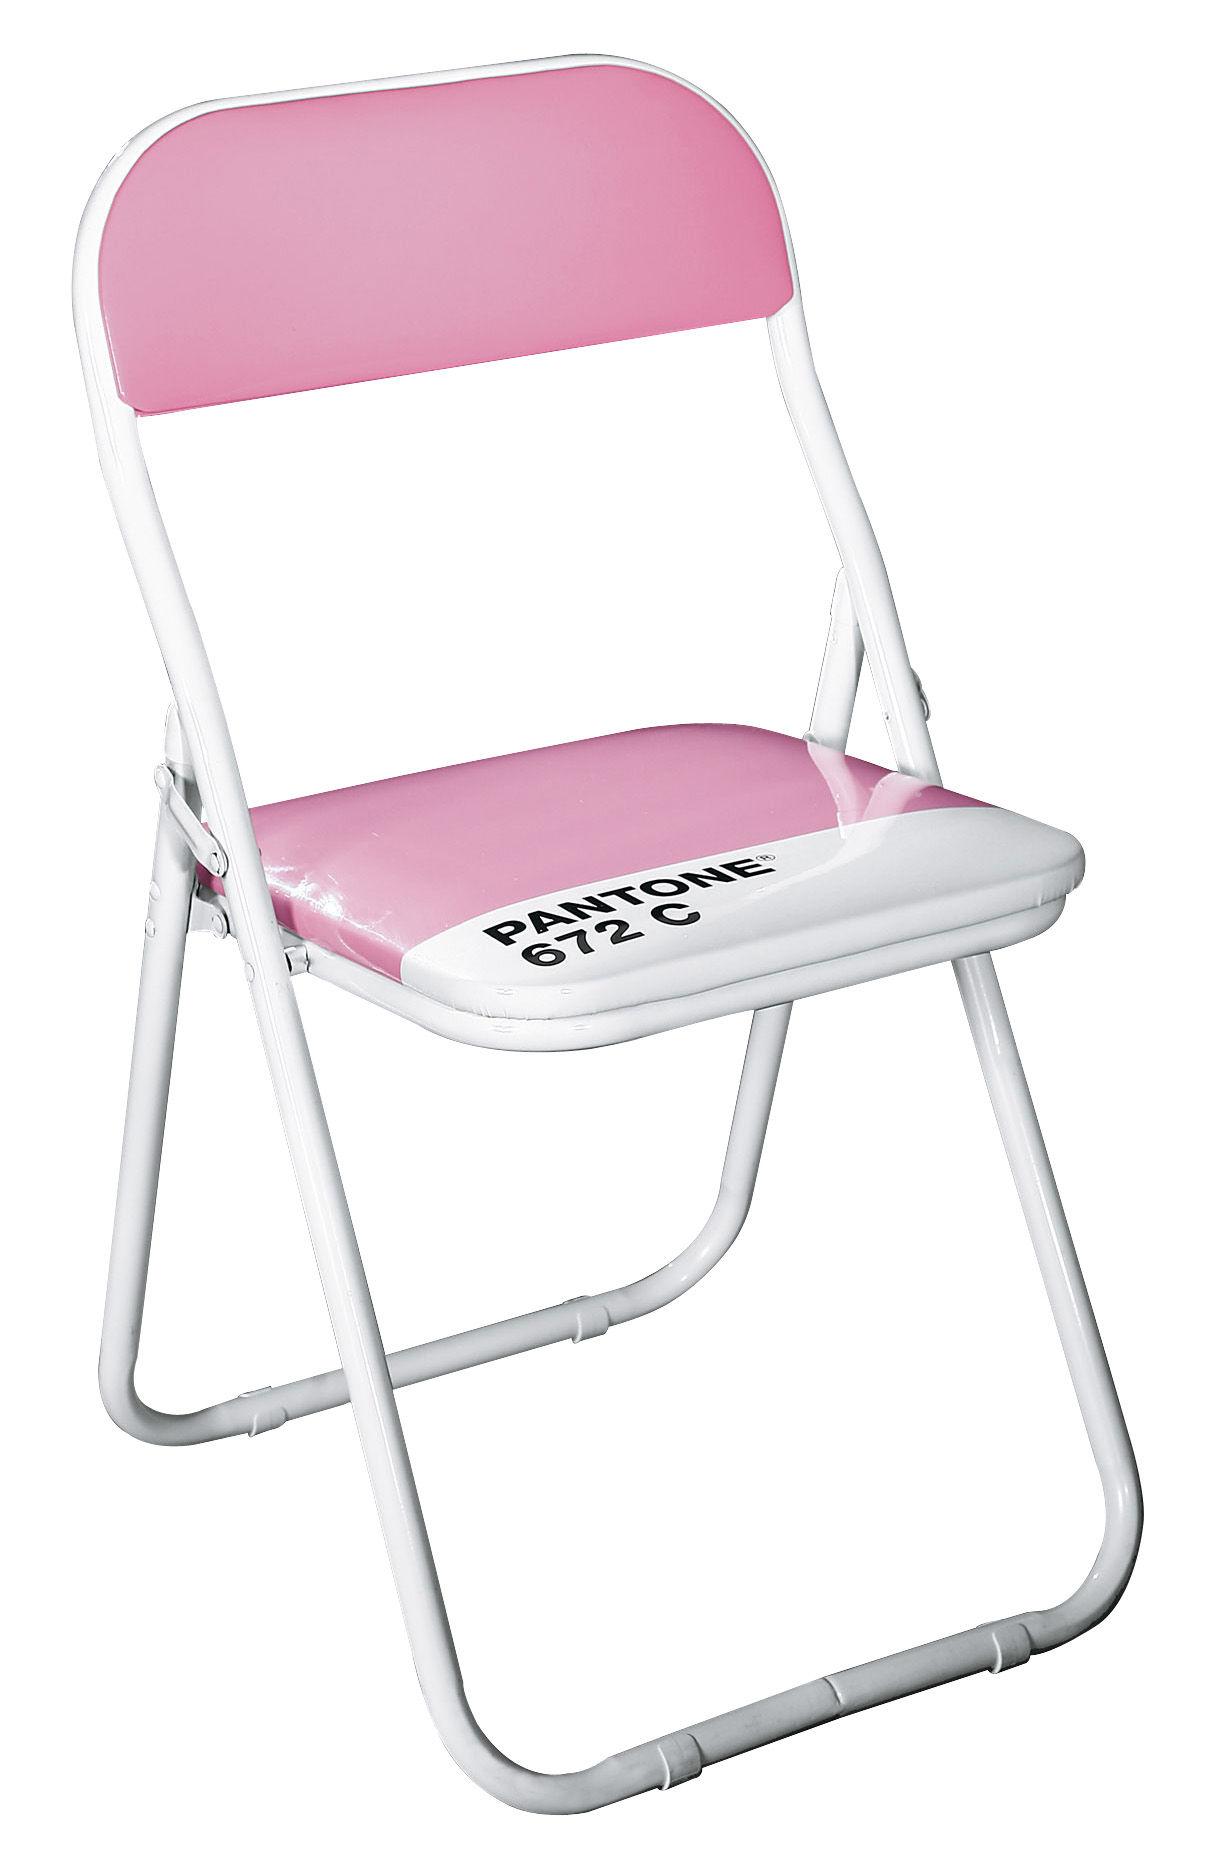 Chaise pliante pantone plastique structure m tal 672c lavande paste - Chaise pliante pantone ...